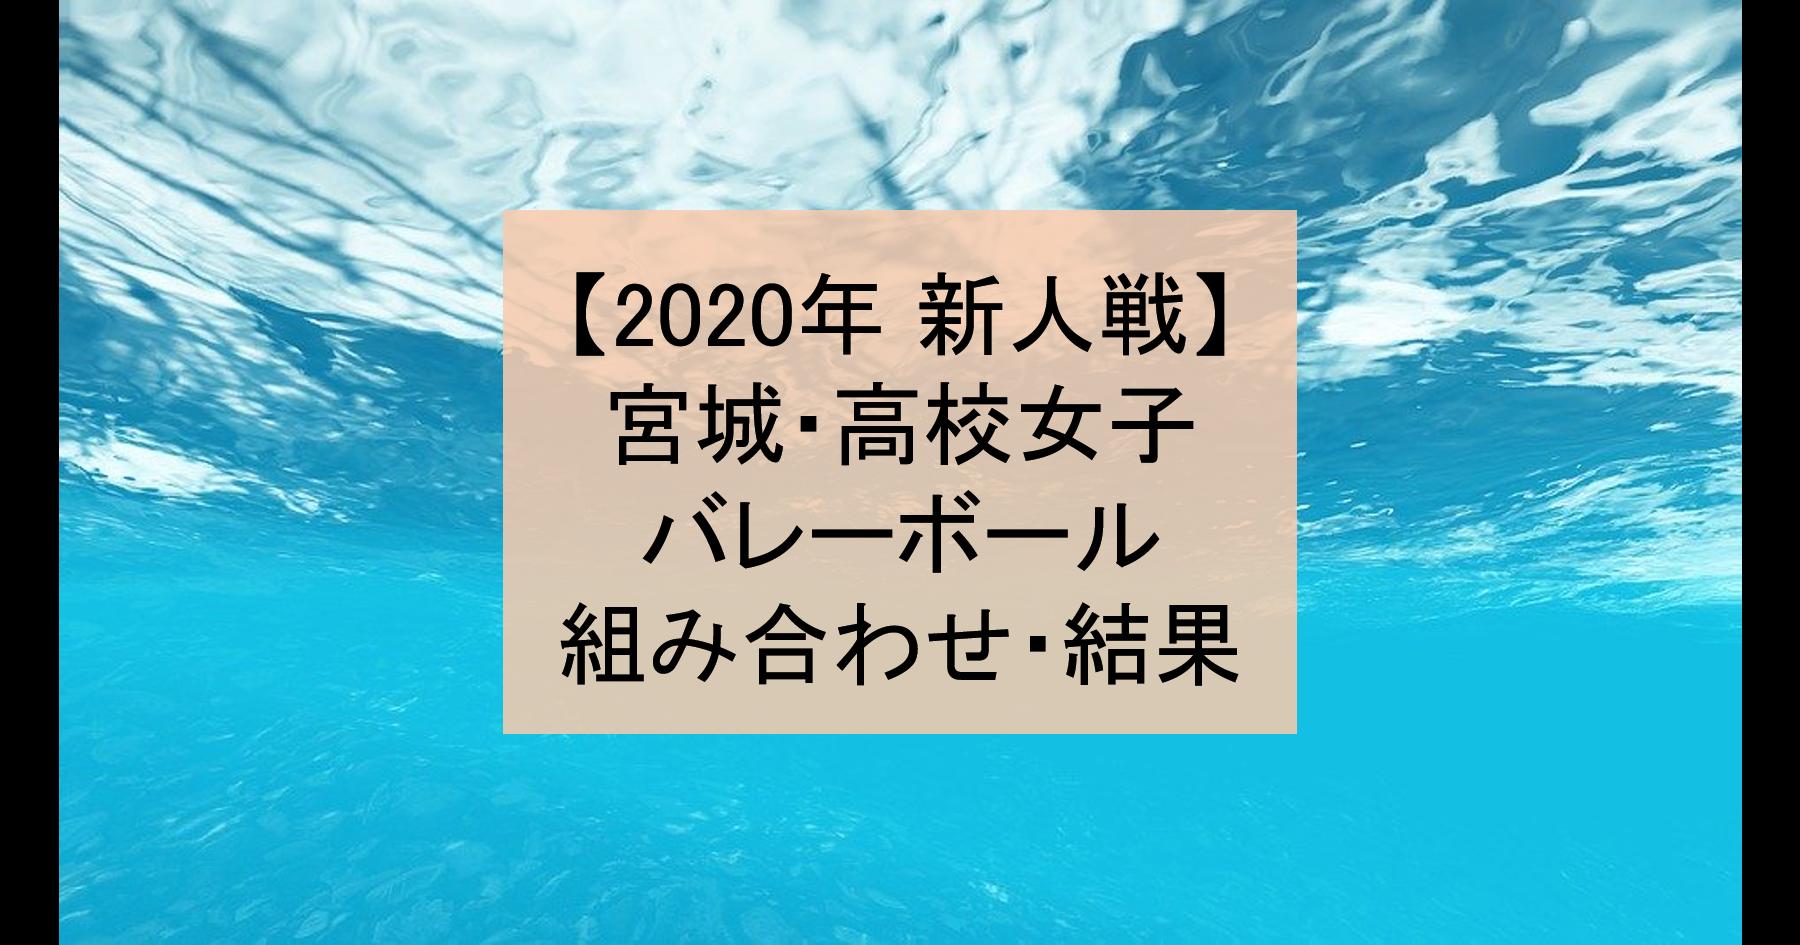 【2020年 新人戦】宮城・高校新人バレーボール大会(女子)組み合わせ、結果